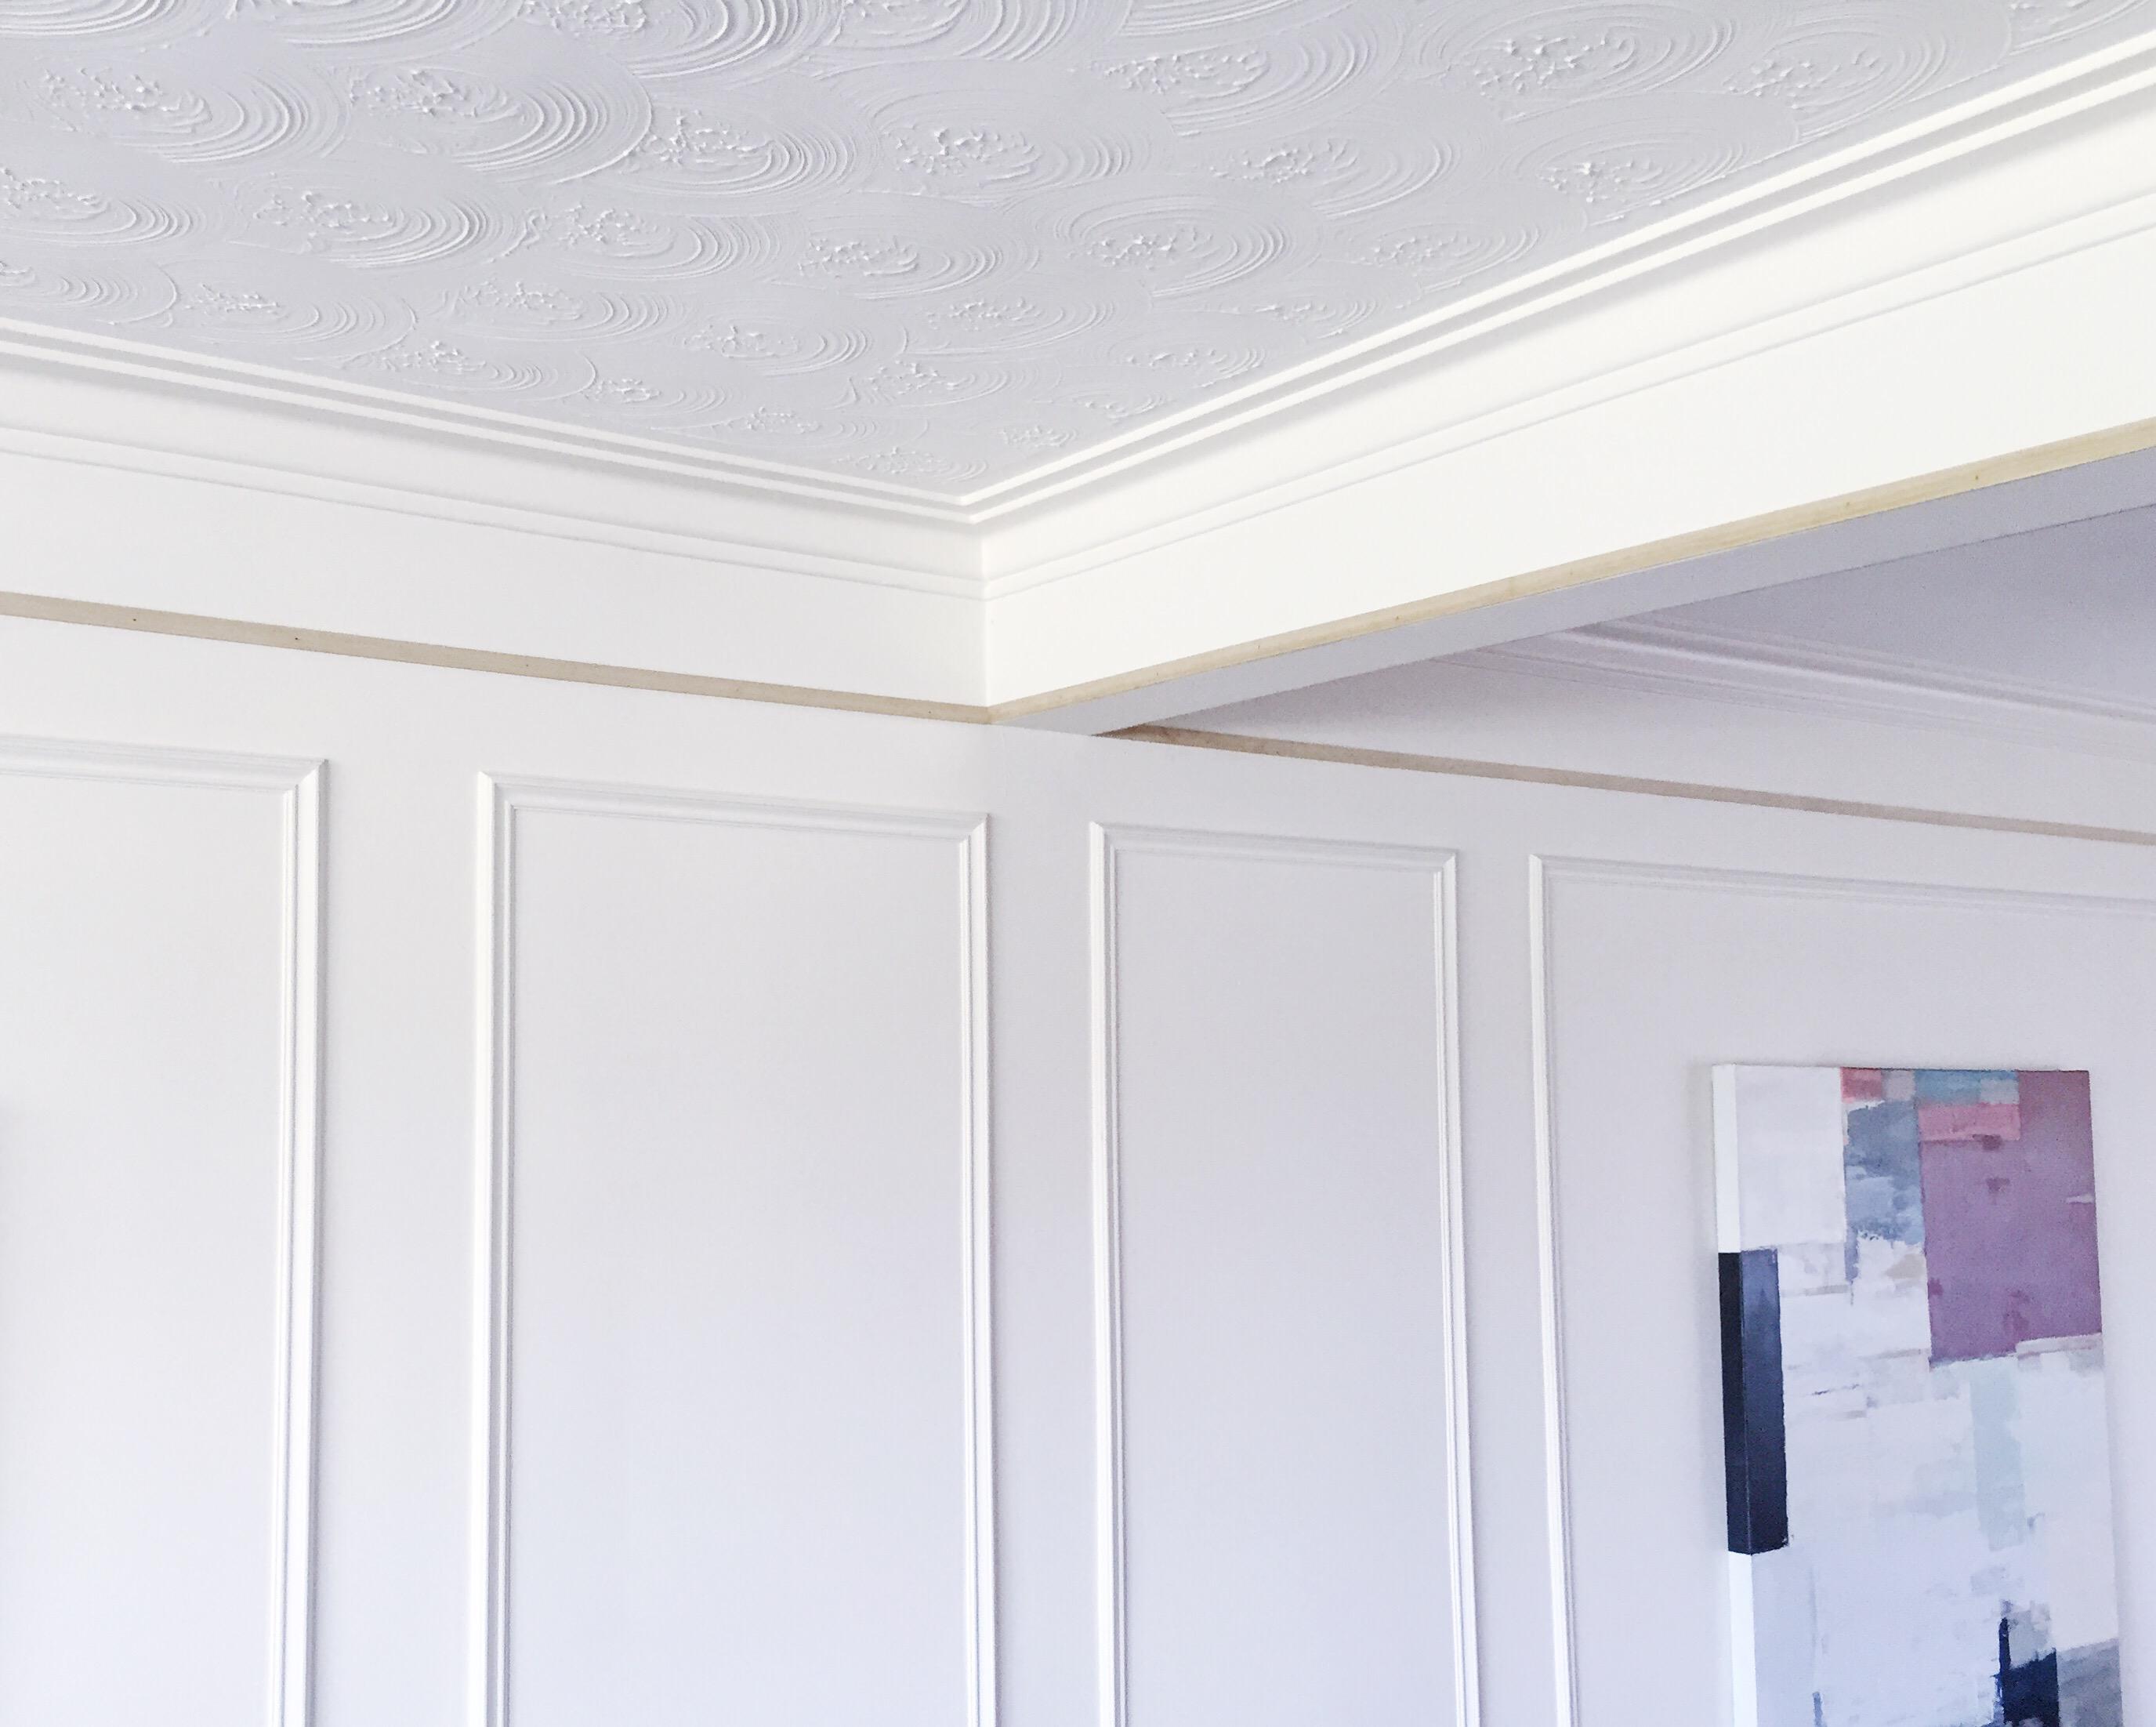 metrie-frieze-moulding-installed